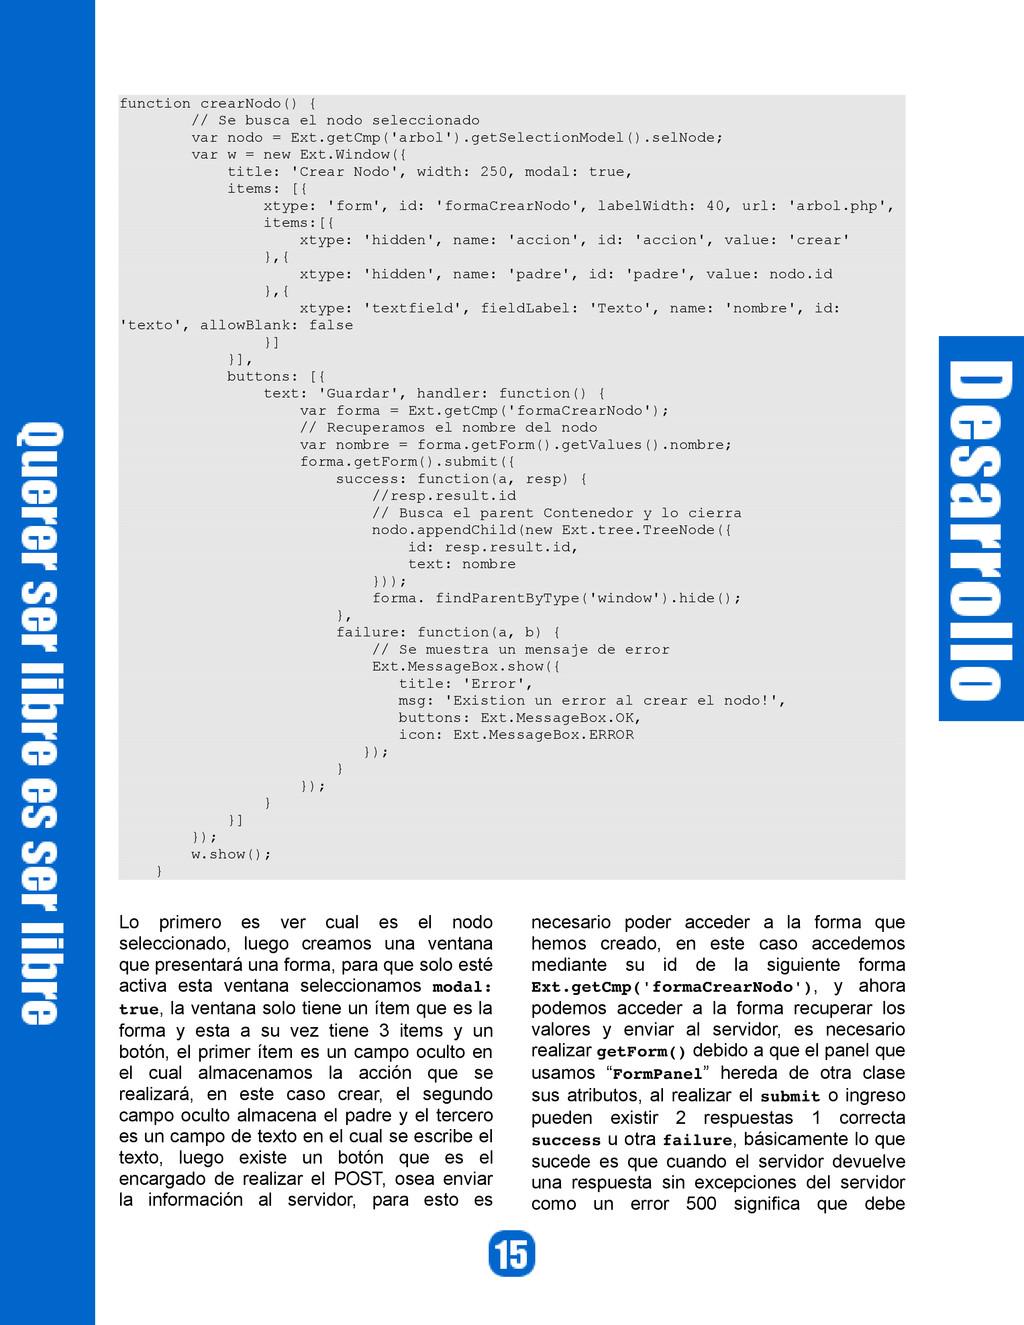 function crearNodo() { // Se busca el nodo sele...